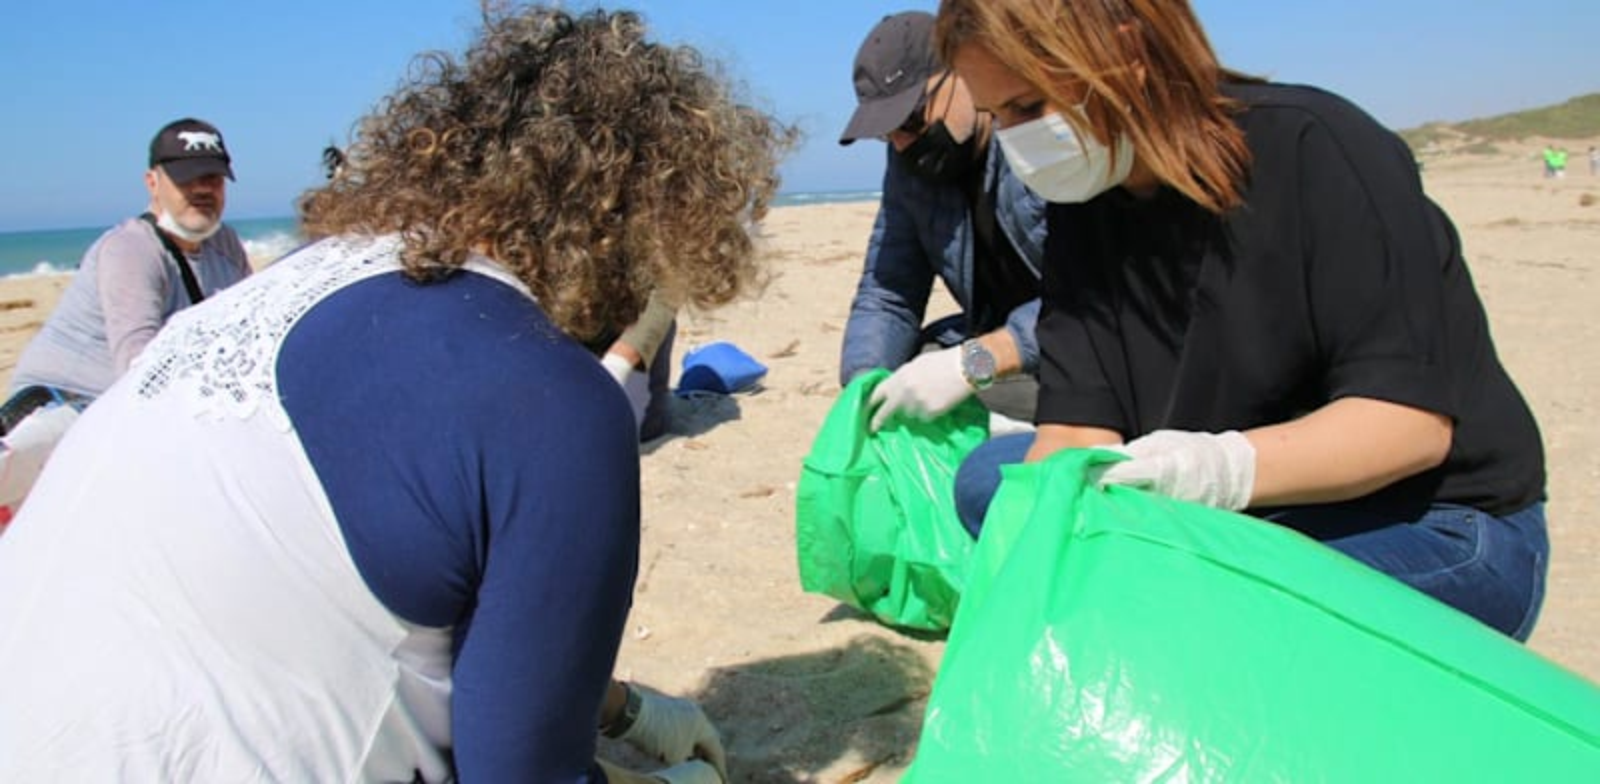 השרה להגנת הסביבה גילה גמליאל בחוף פלמחים בעקבות זיהום הזפת / צילום: המשרד לאיכות הסביבה